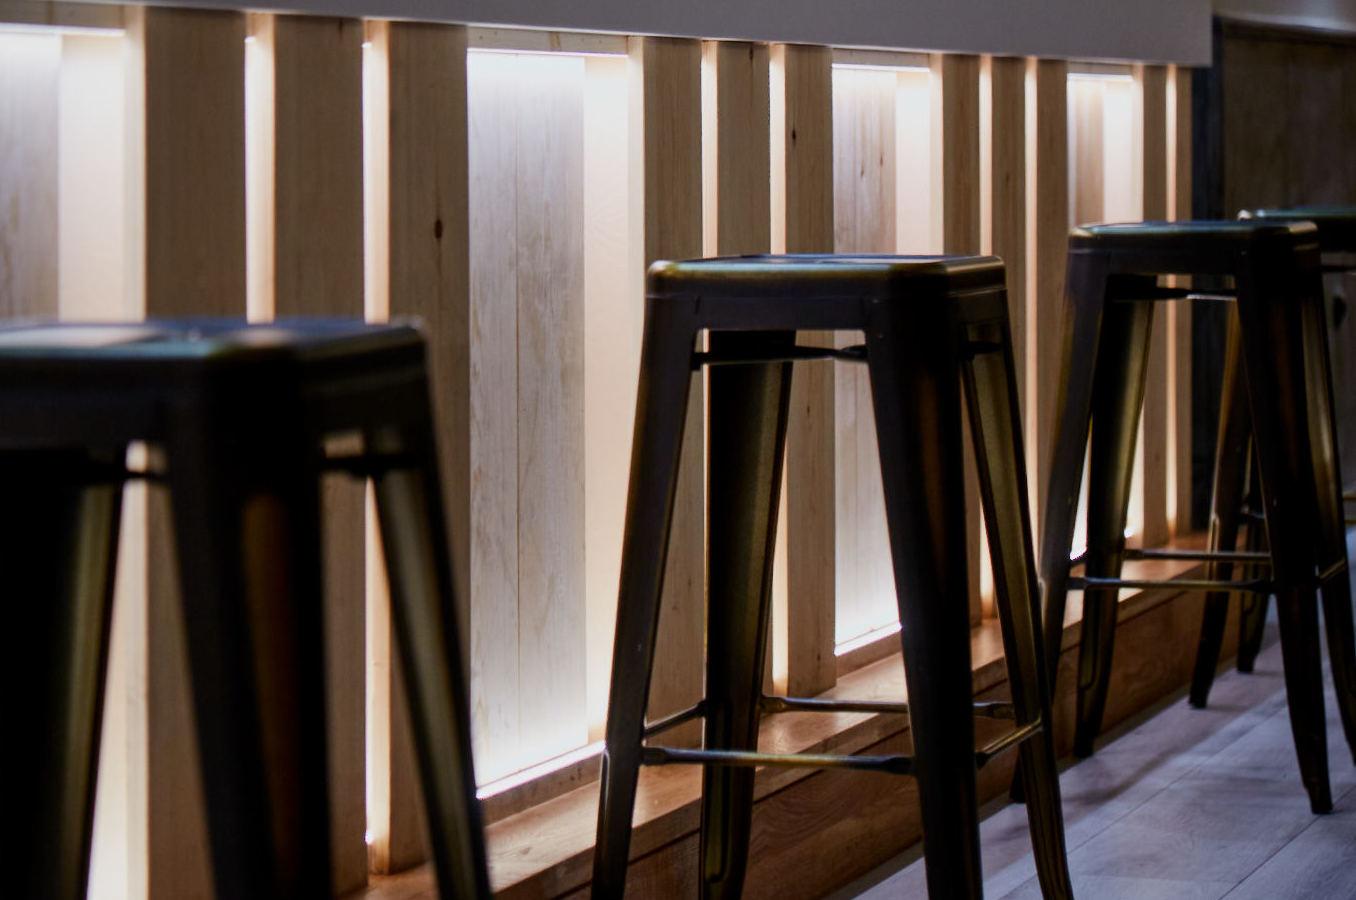 Foto 23 de Carpintería en Vitoria | Carpintería Marsam  Jundiz